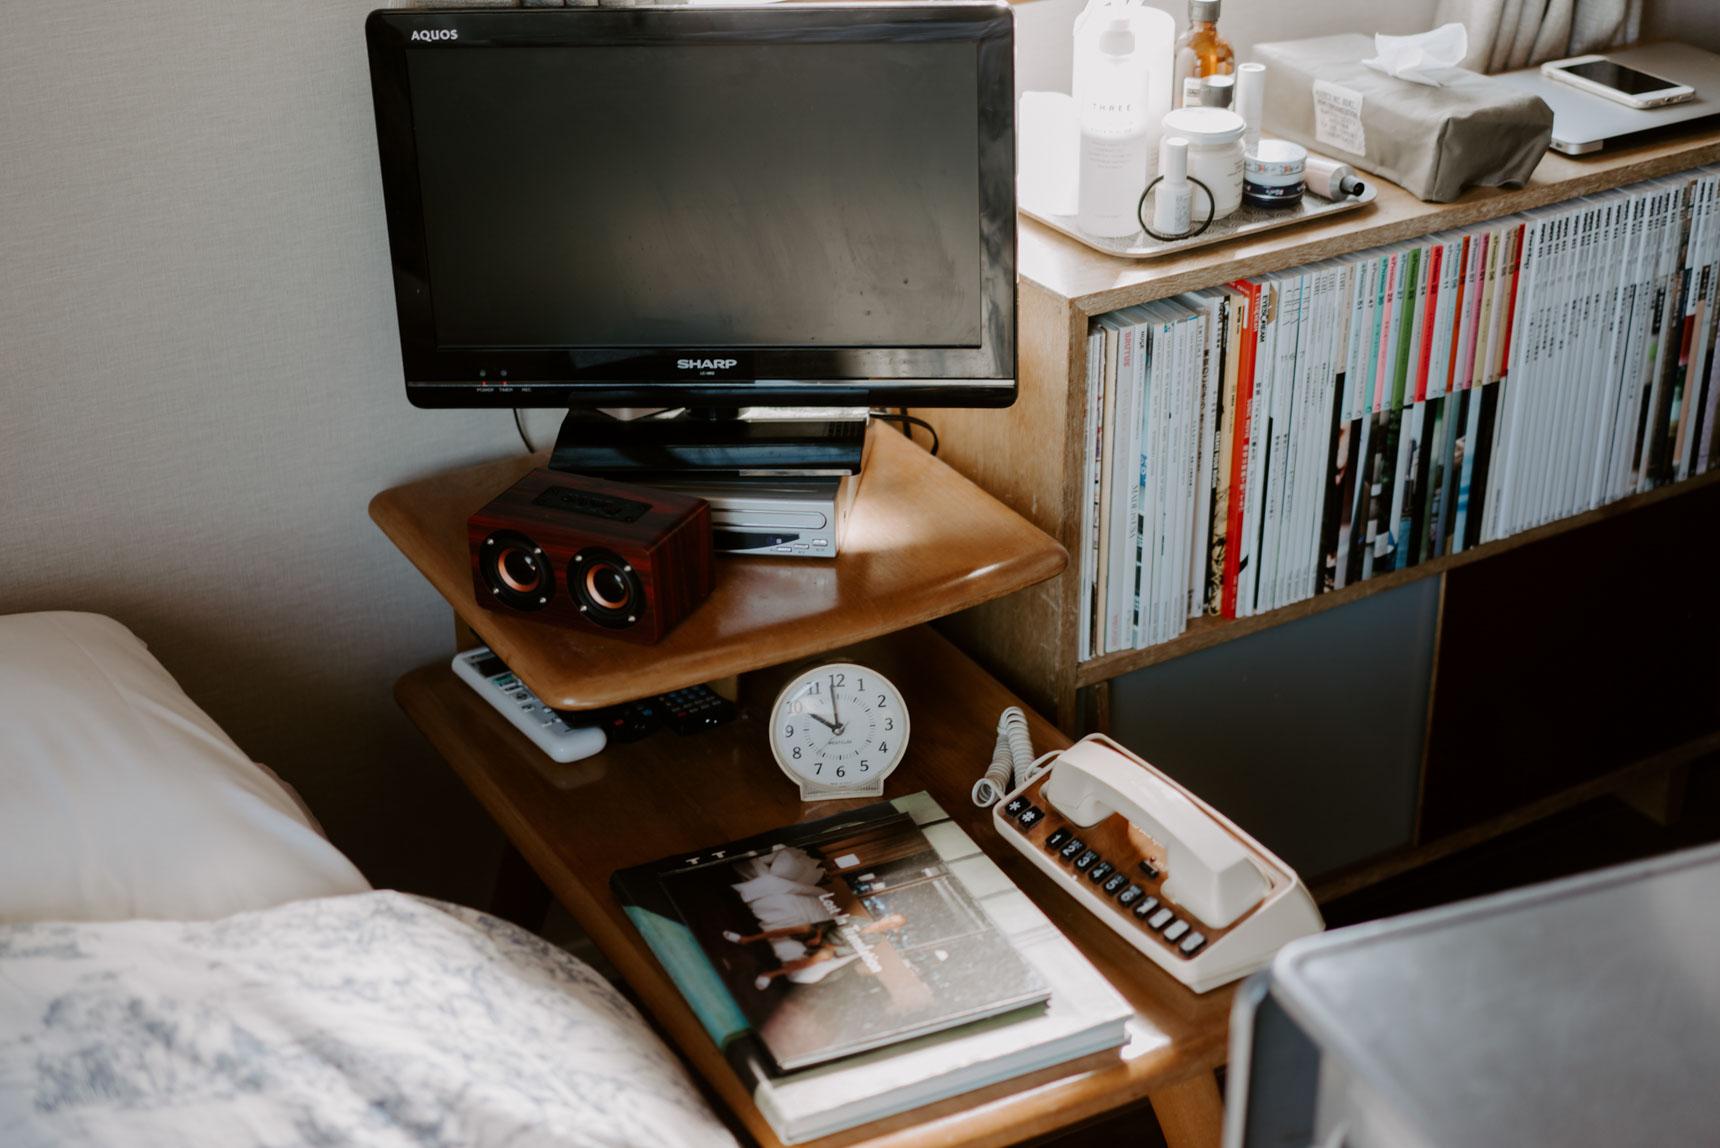 アメリカの家具メーカー、HEYWOOD WAKE FIELD(ヘイウッドウェイクフィールド) のサイドテーブルがお気に入り。この場所で、Bluetoothのスピーカーで音楽を流したり、映画を見たり、本を読んだり楽しみます。